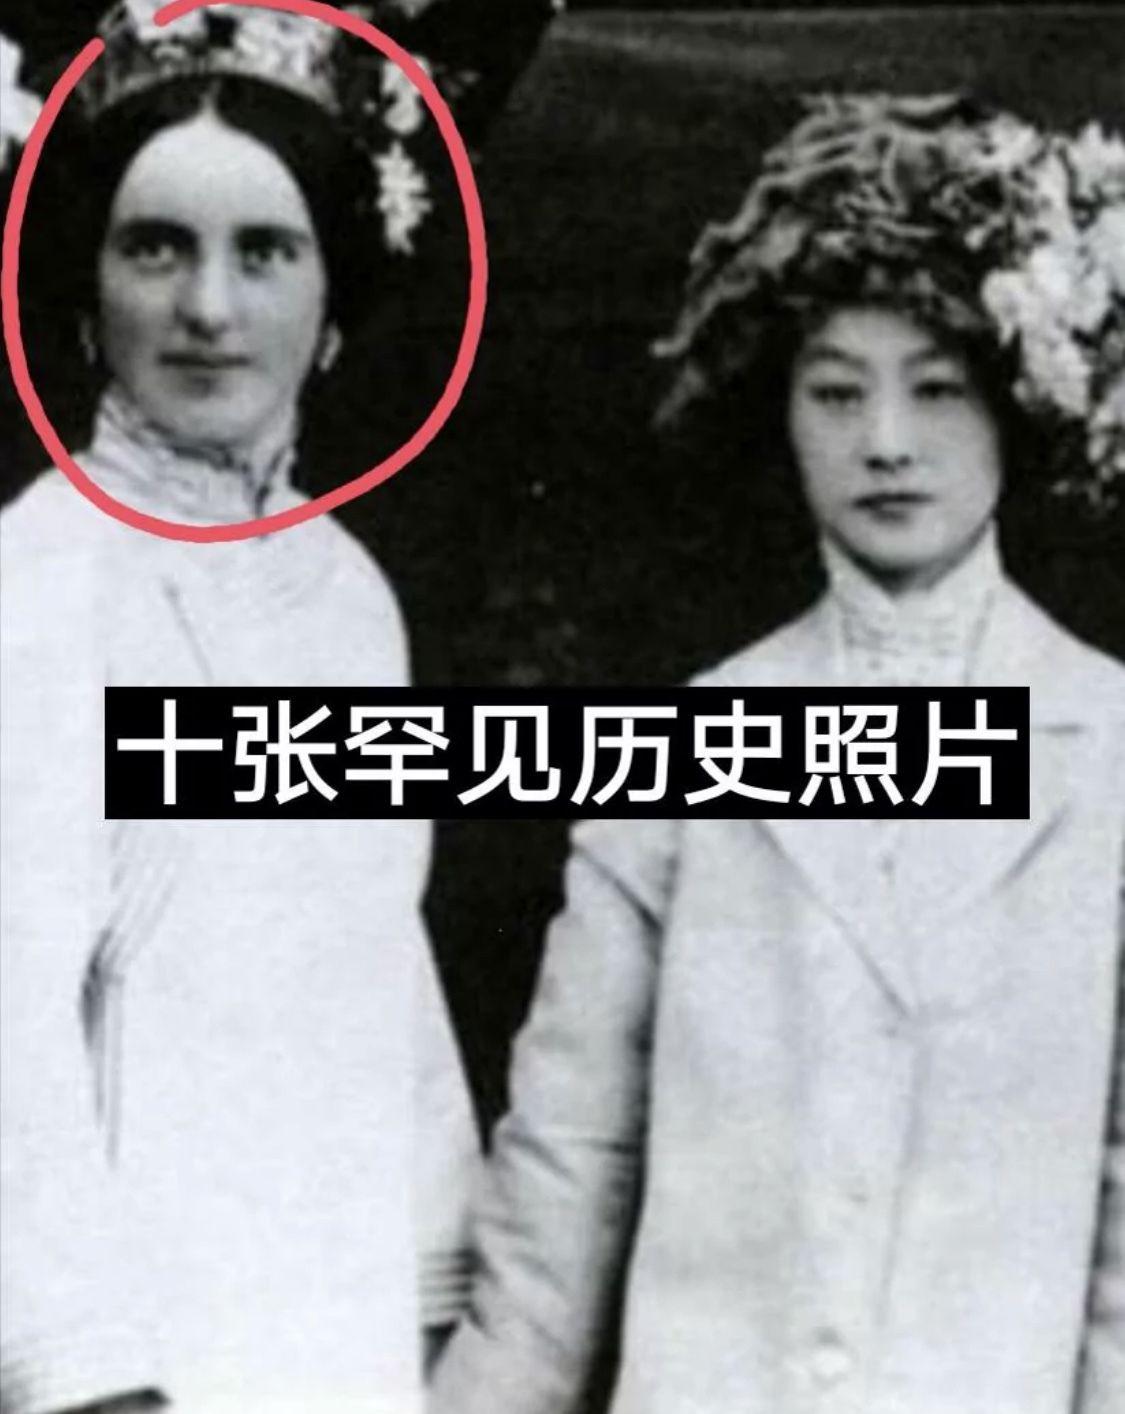 十张罕见历史老照片,慈禧侄女和溥仪亲妹妹照片曝光,竟如此漂亮